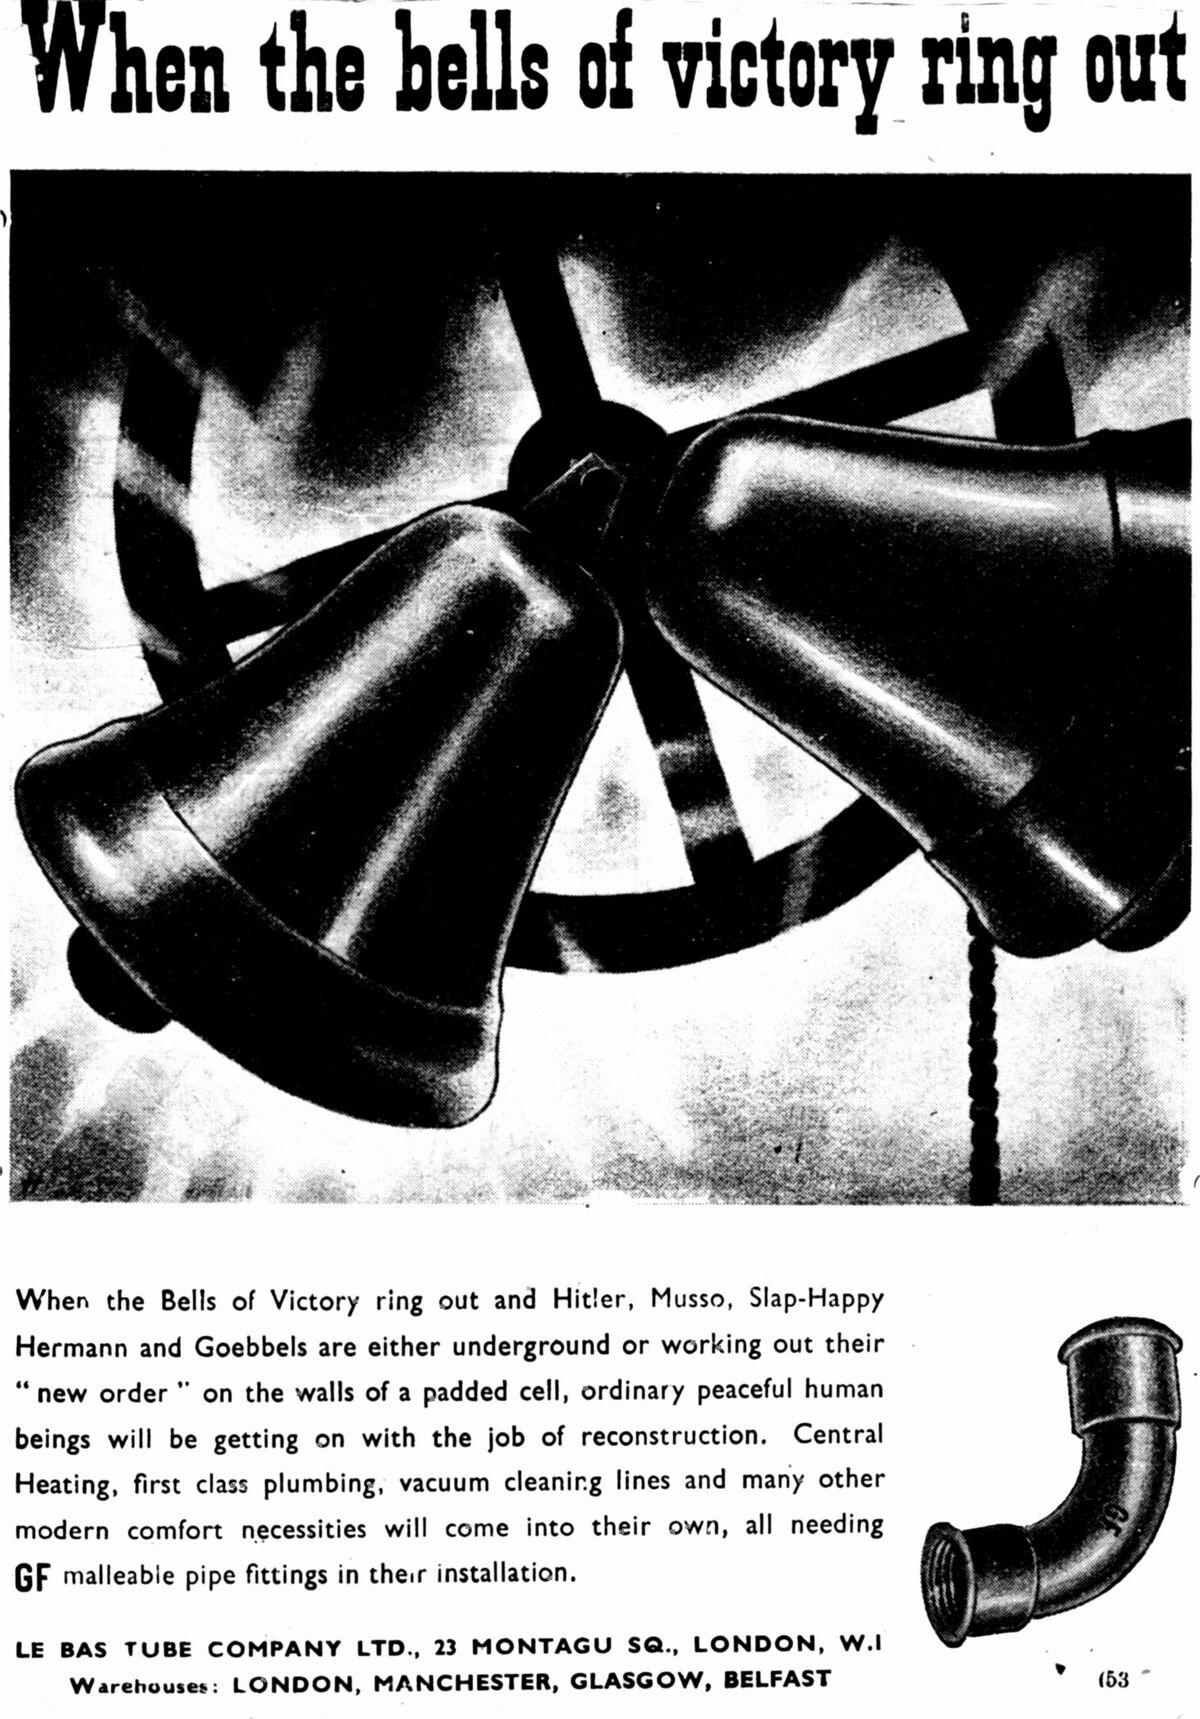 GFA 21/189.10: Aufnahmen des Werkes Bedford